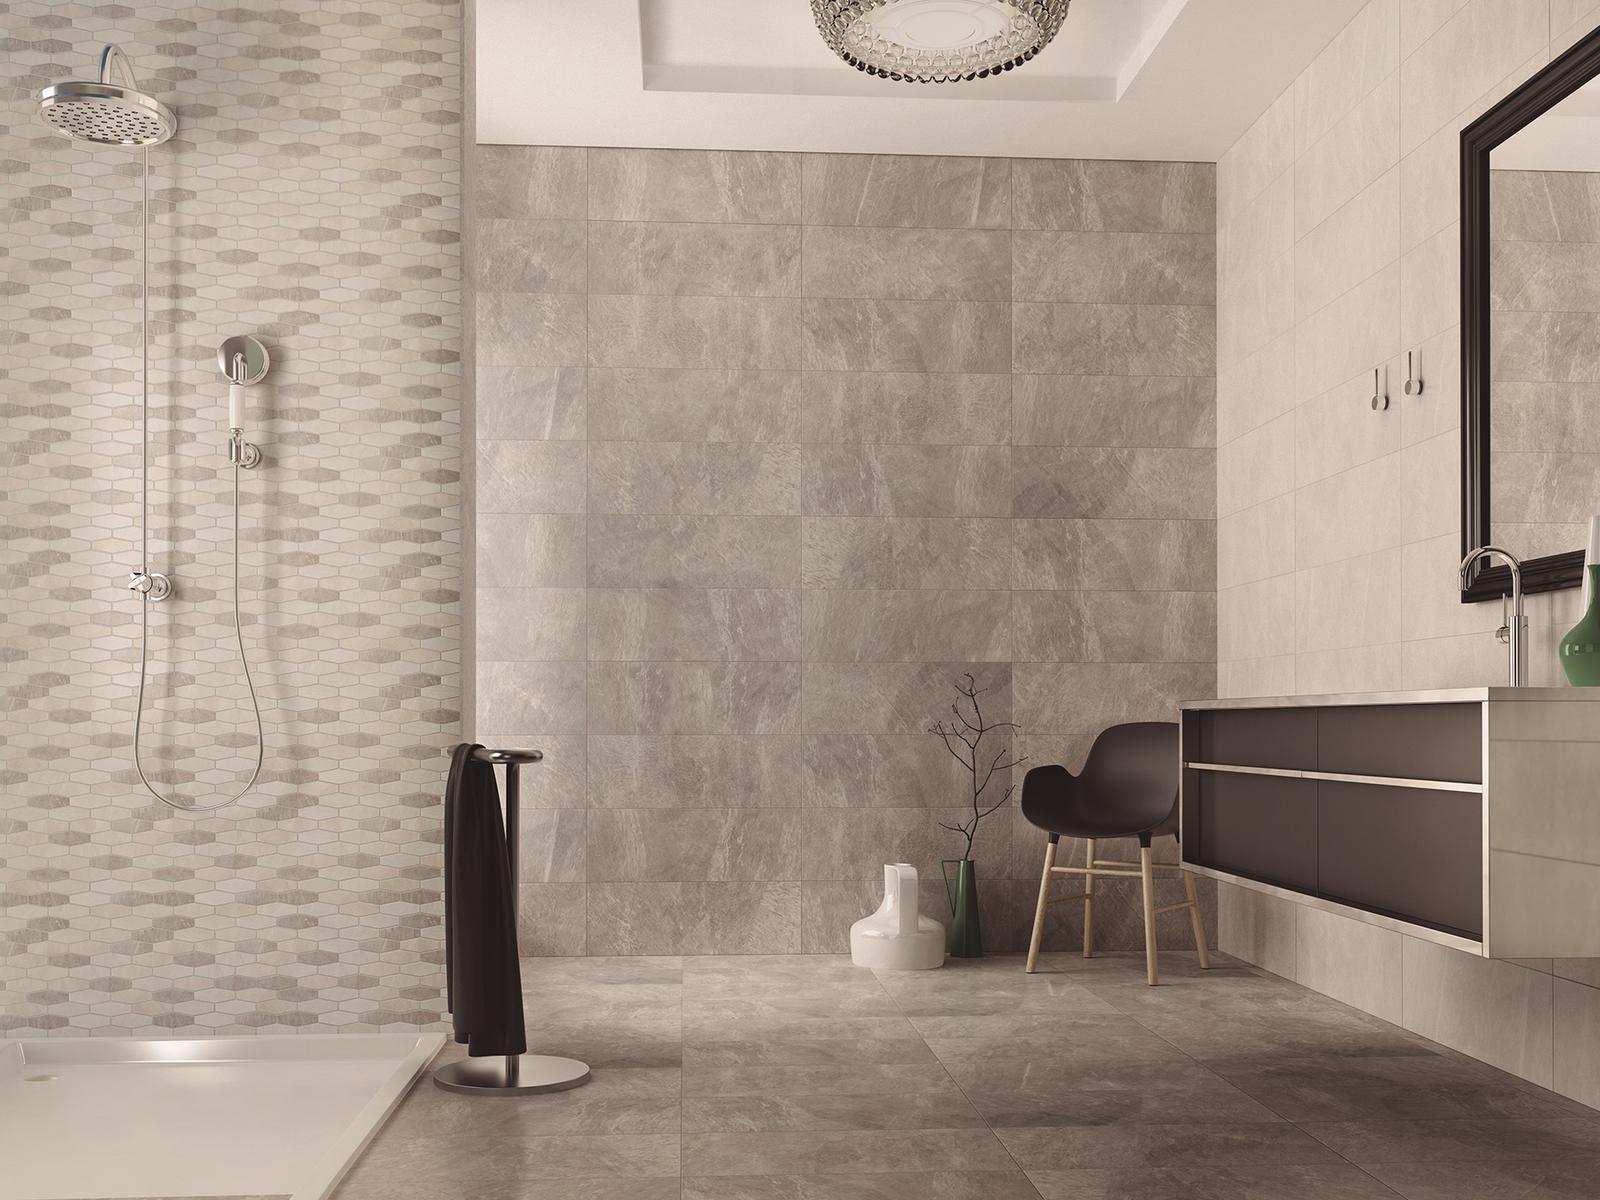 Luxusné kúpelne zo Španielska - moderná kúpeľňa Filita Neutral 25x73